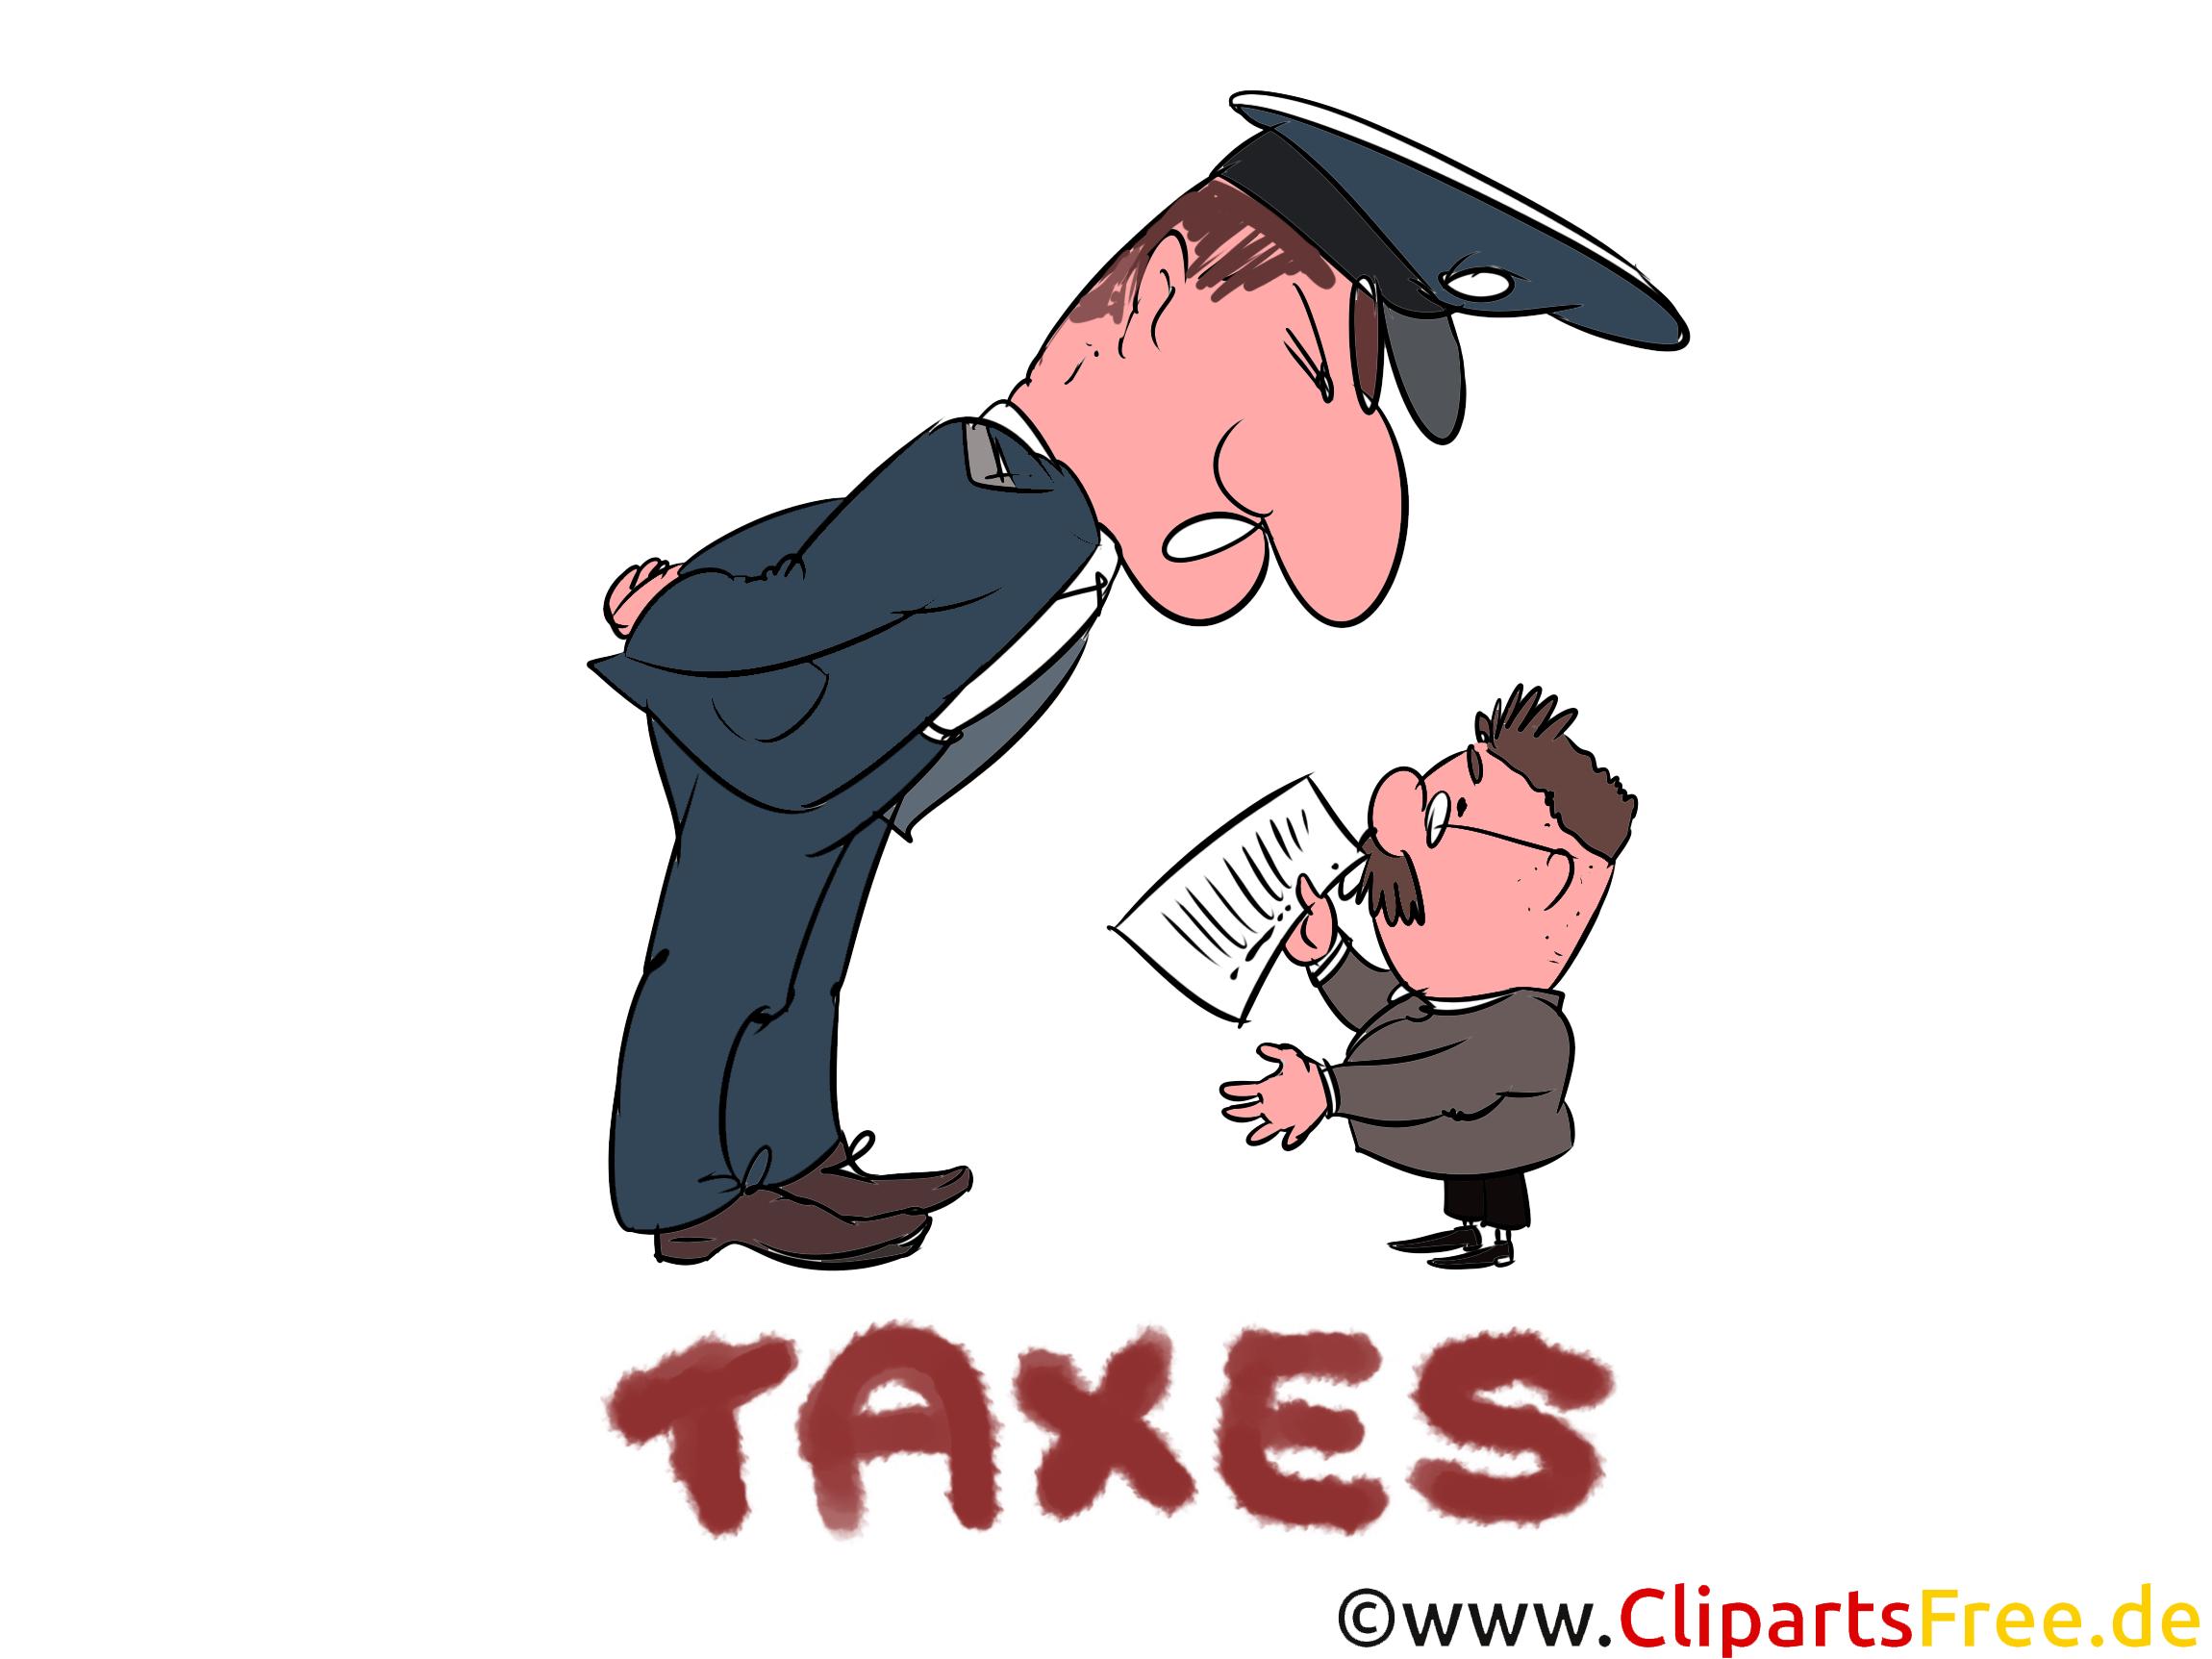 Finanzamtmitarbeiter Cliparts, Bilder, Illustrationen gratis